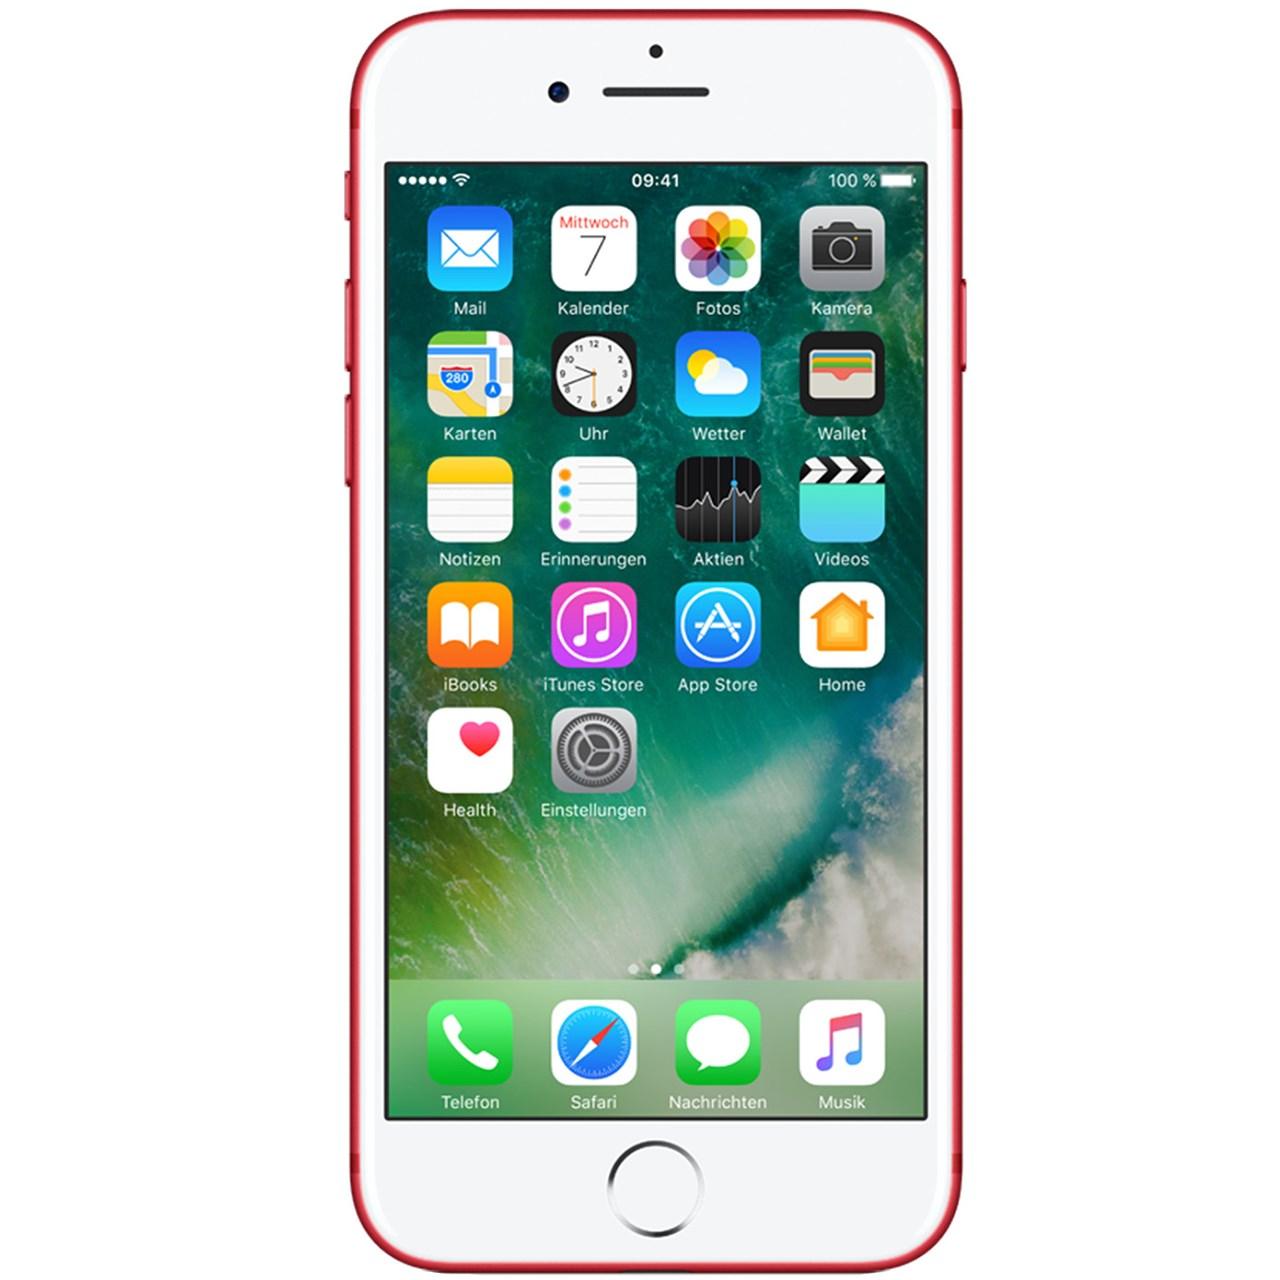 گوشی موبایل اپل مدل iPhone 7 (Product) Red ظرفیت ۱۲۸ گیگابایت